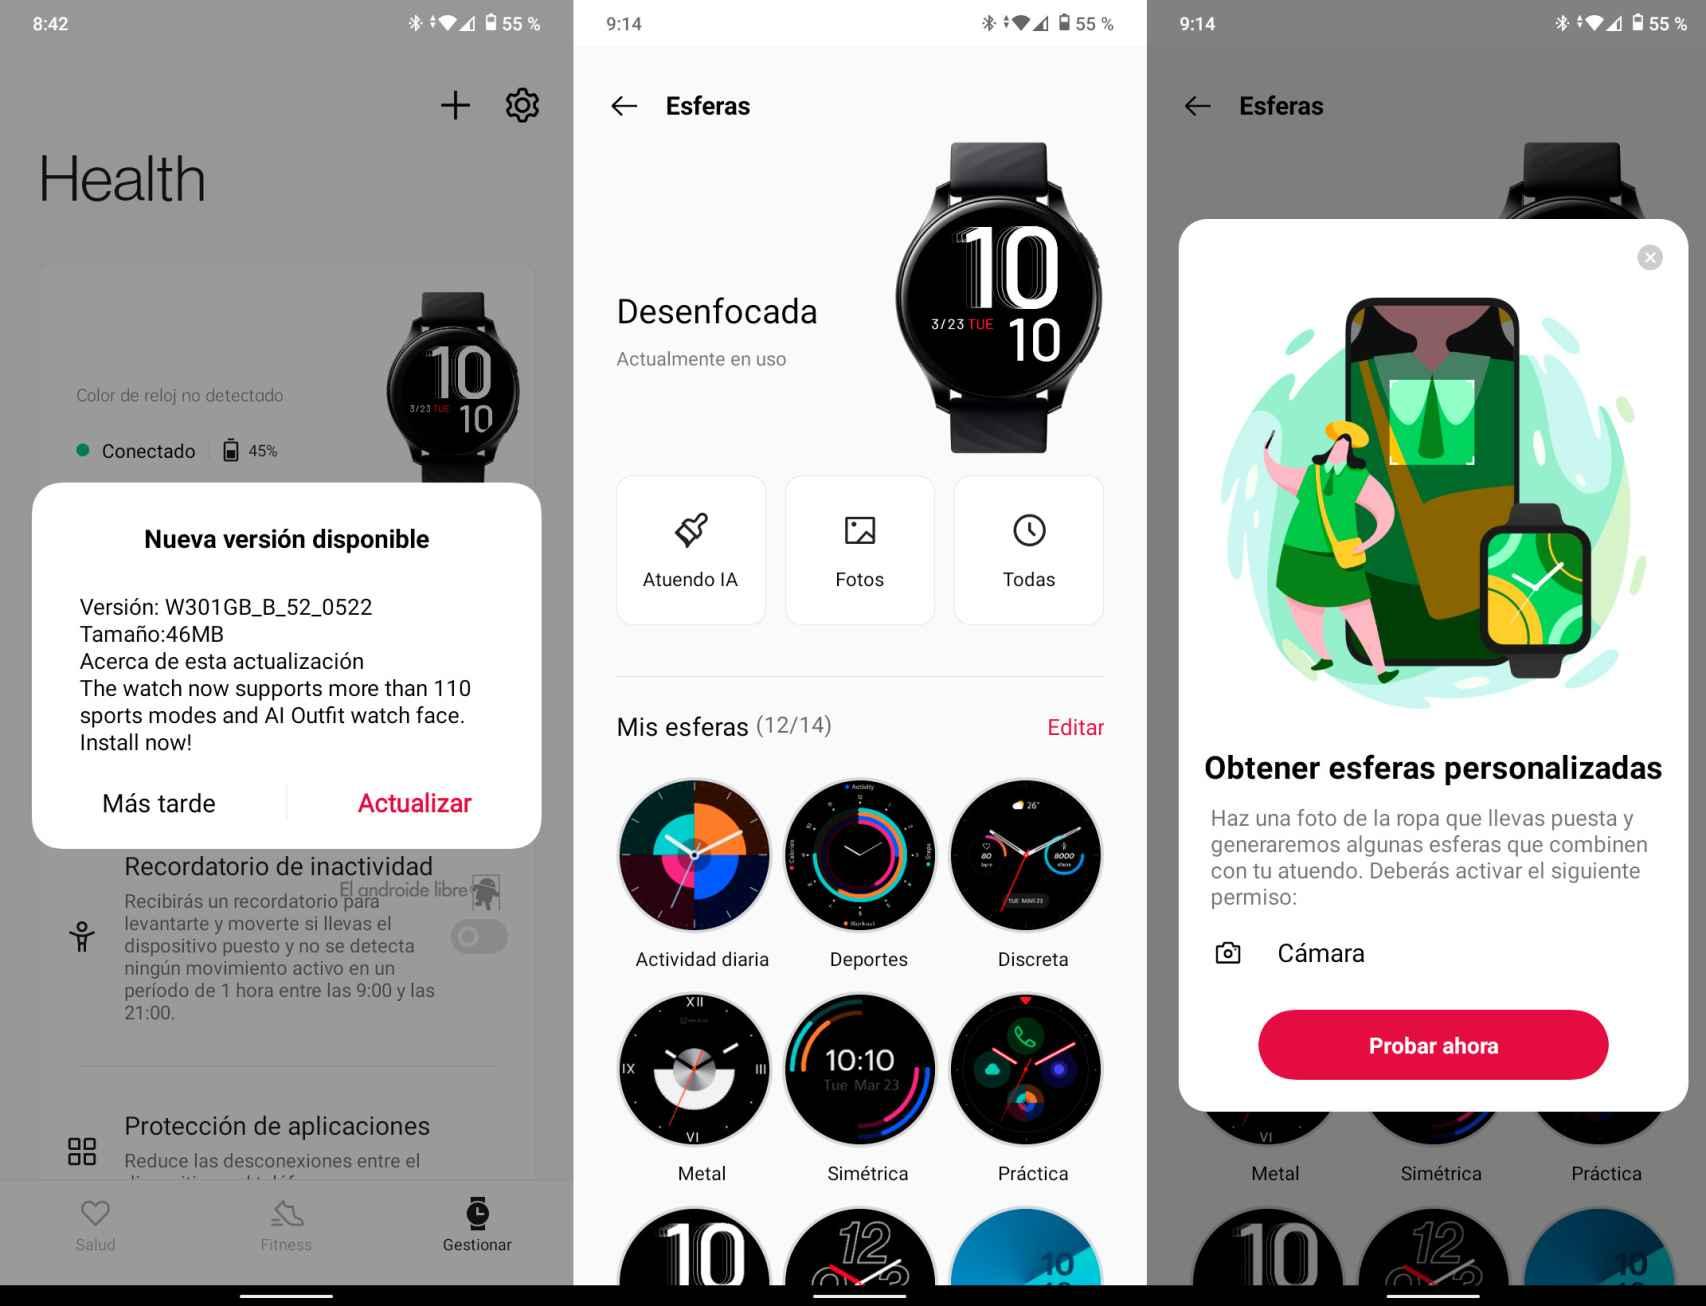 Interfaz de la app OnePlus Health